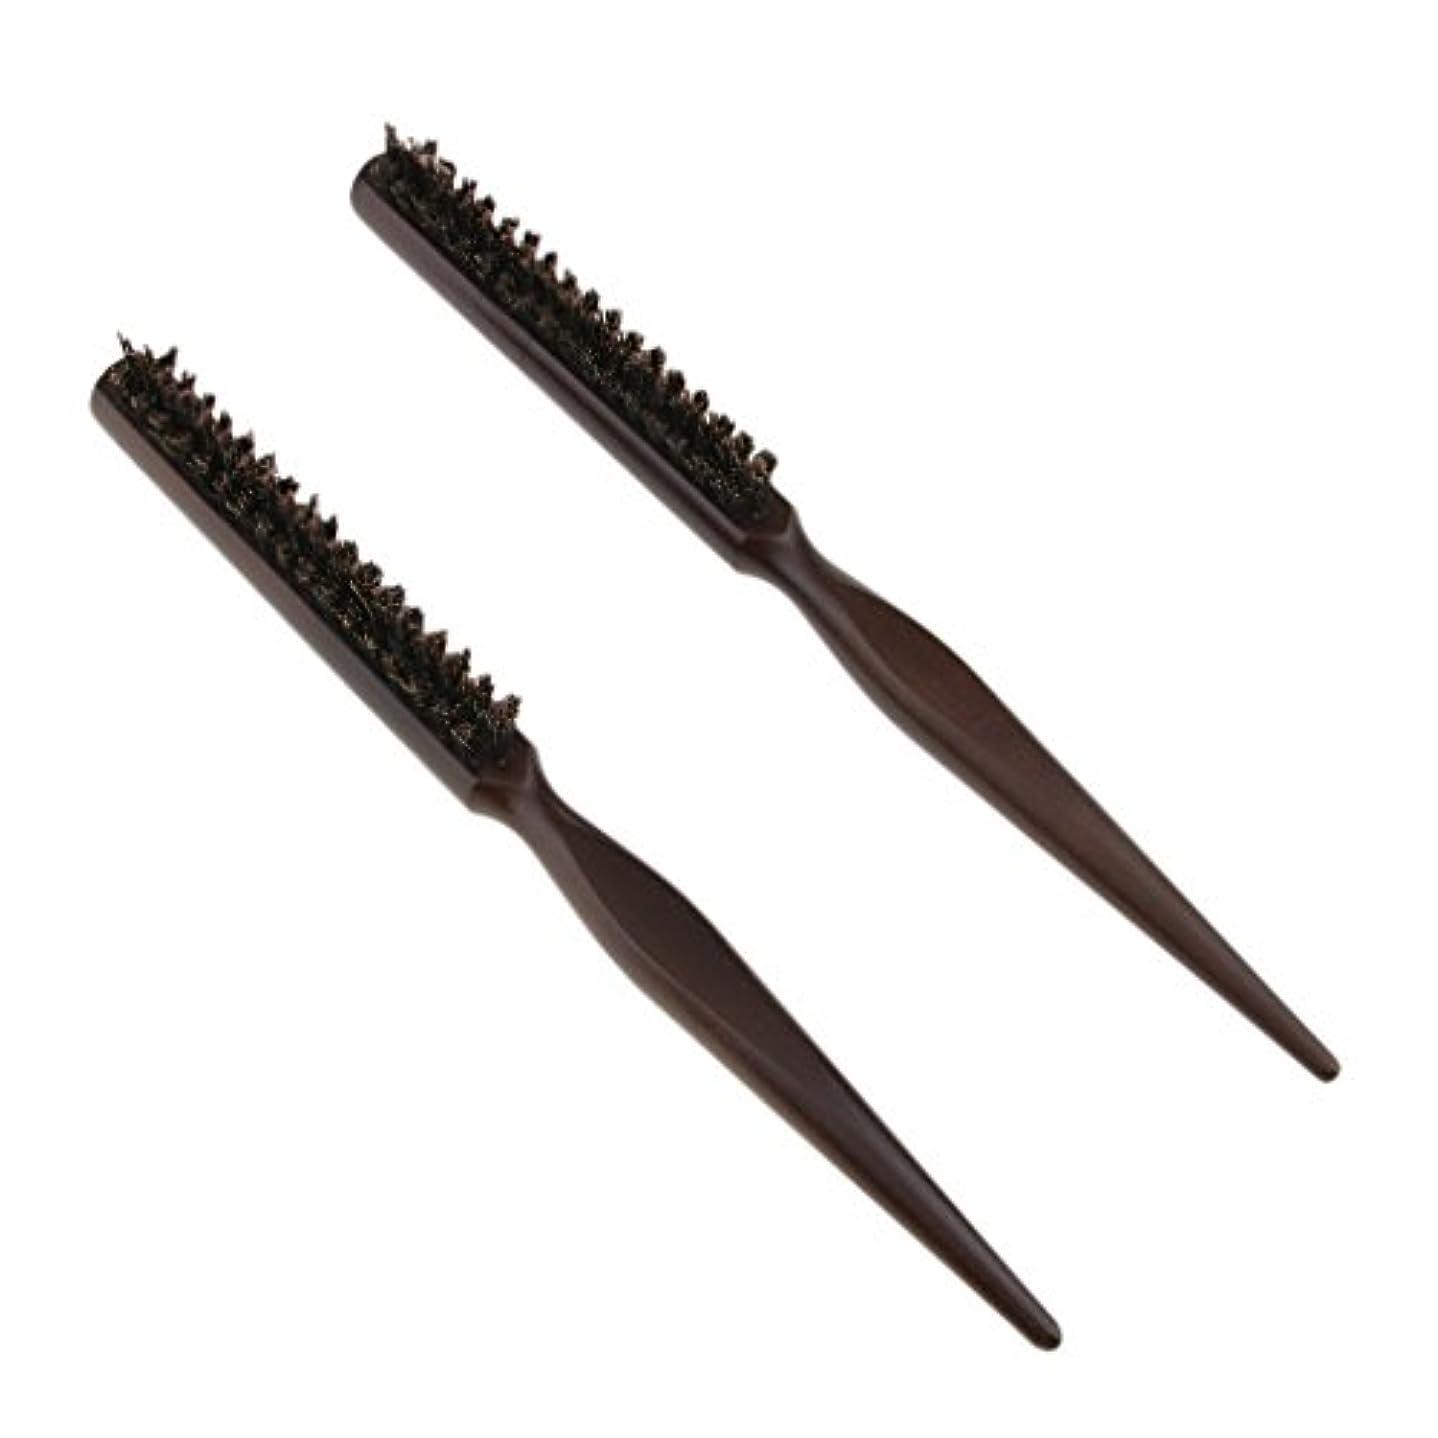 処方ターゲット分離する2本3行木材自然の剛毛のおしゃぶりブラシの後ろのブラシのブラシ24センチメートル